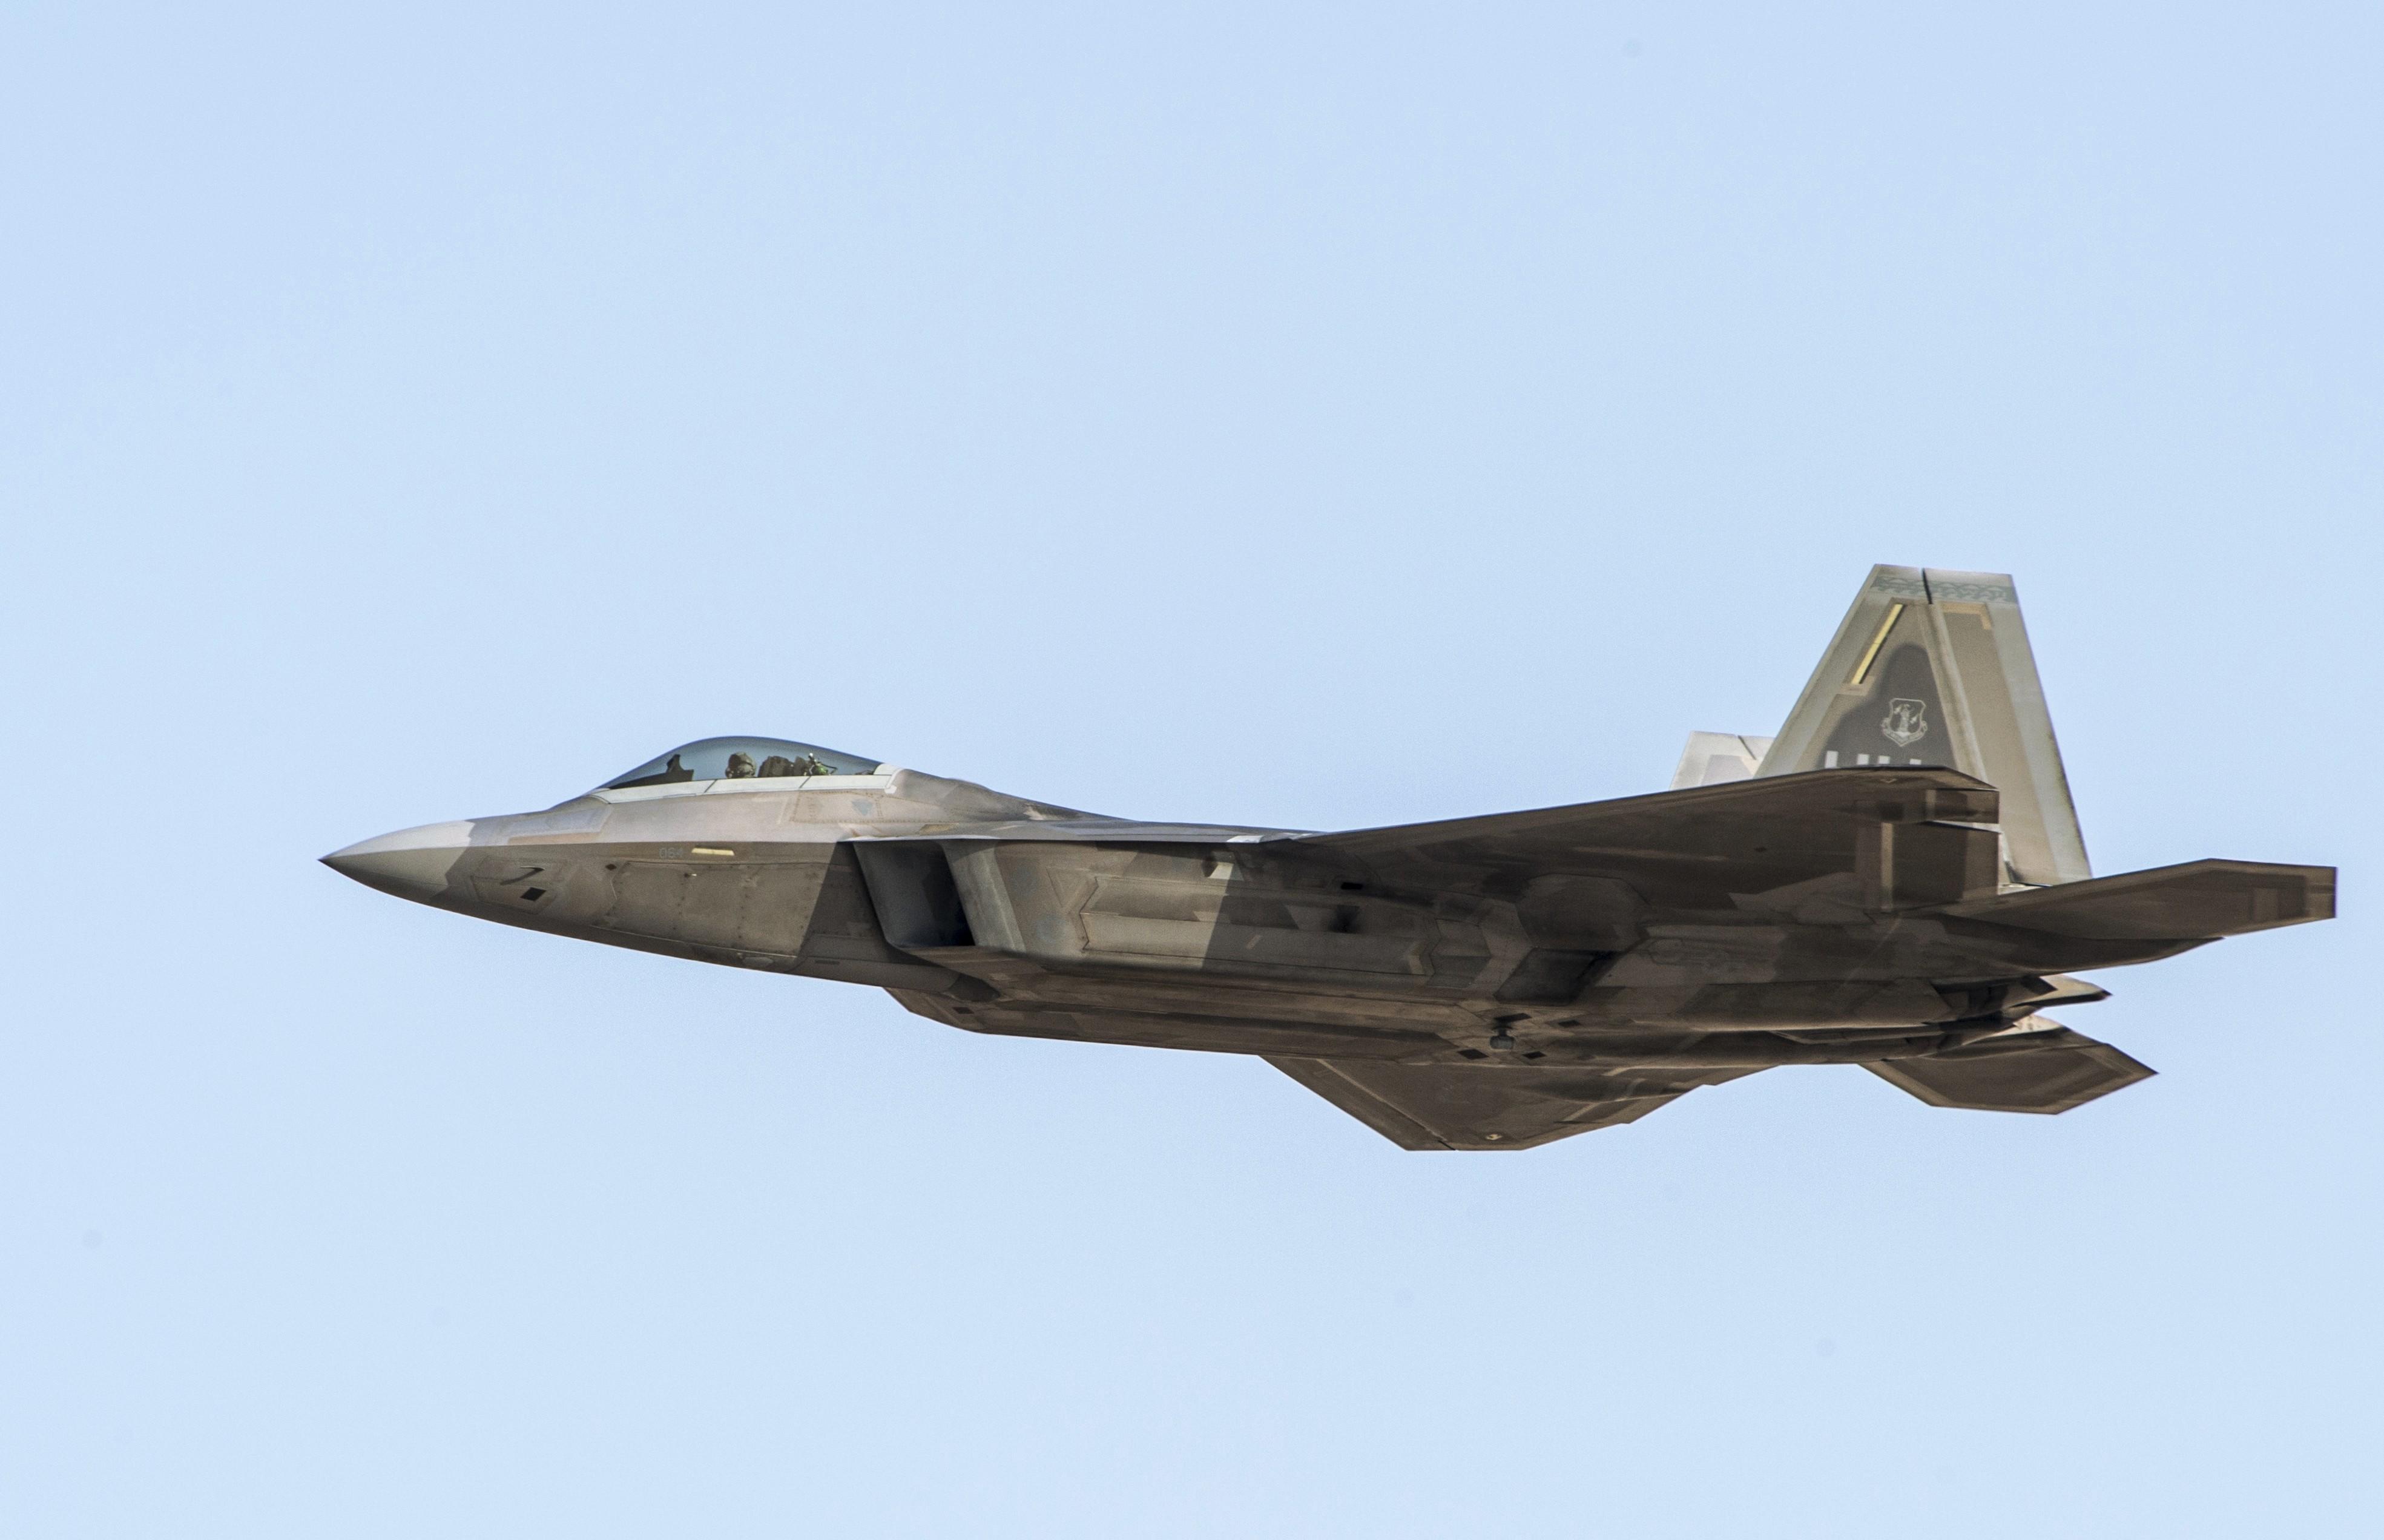 <p>Истребитель F-22 ВВС США. Фото: РИА Новости/Евгений Биятов</p>